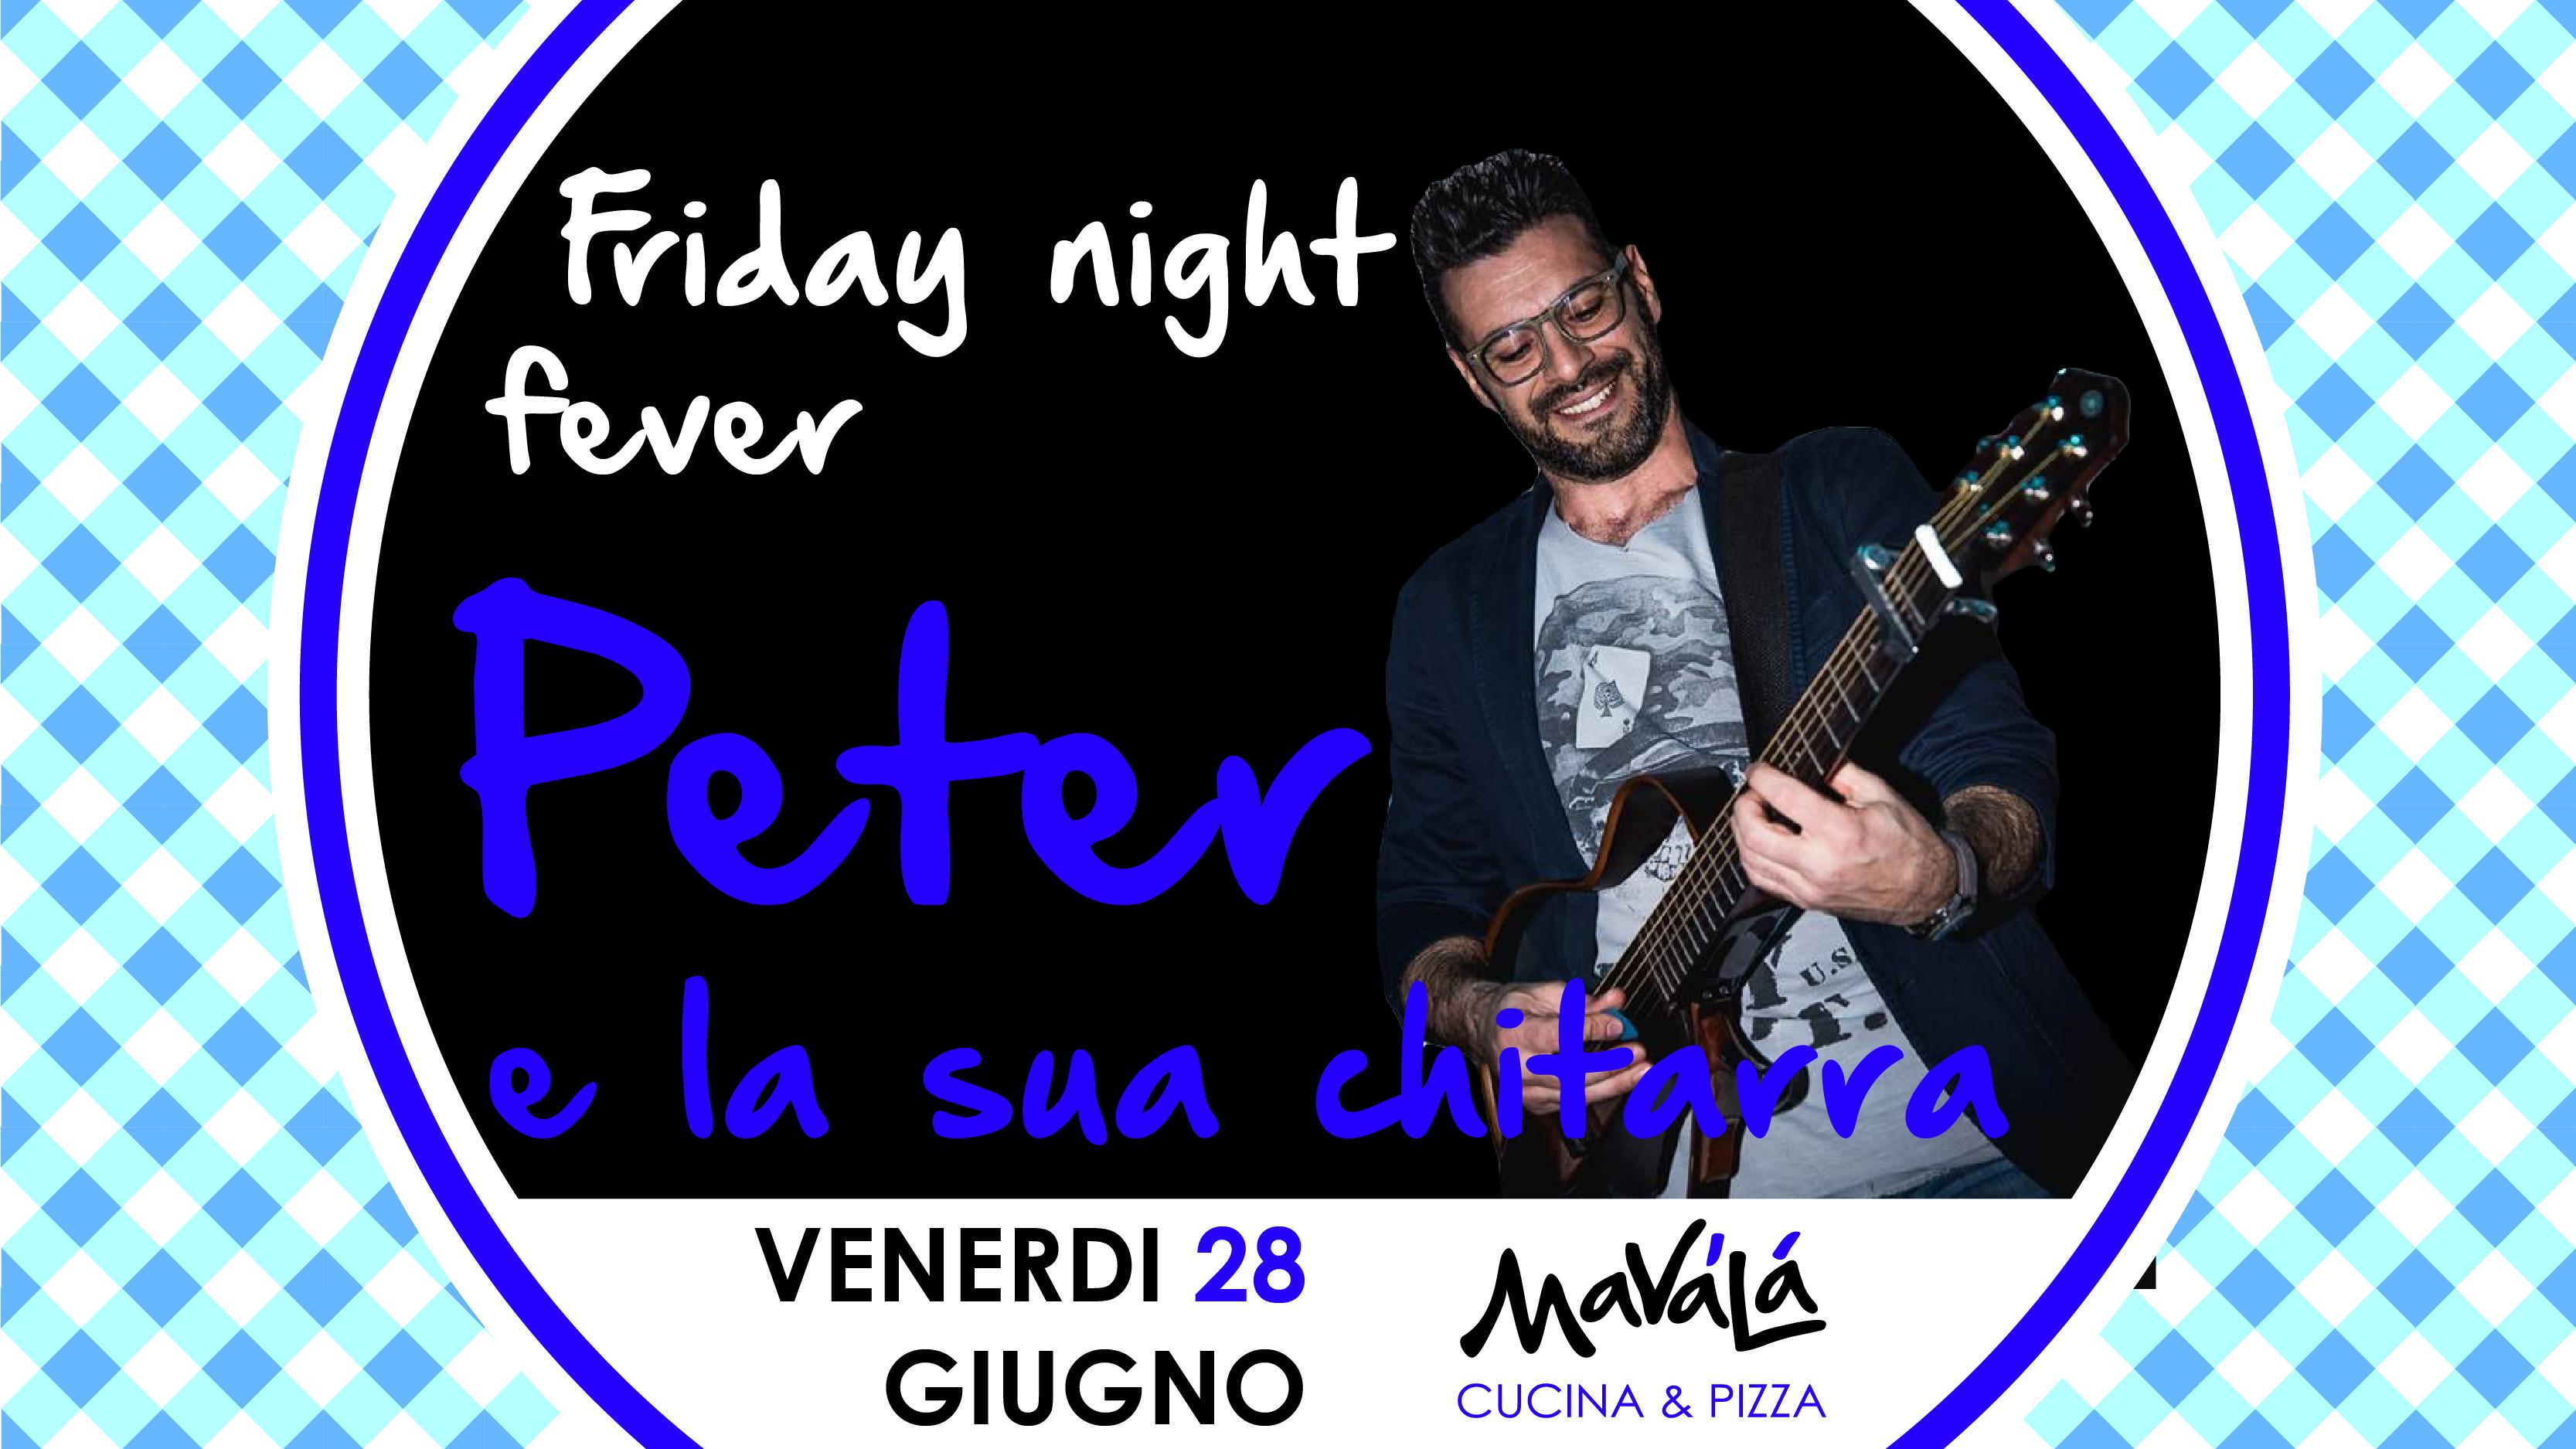 MAVALA_LOCANDINE_PETER_GIUGNO-04